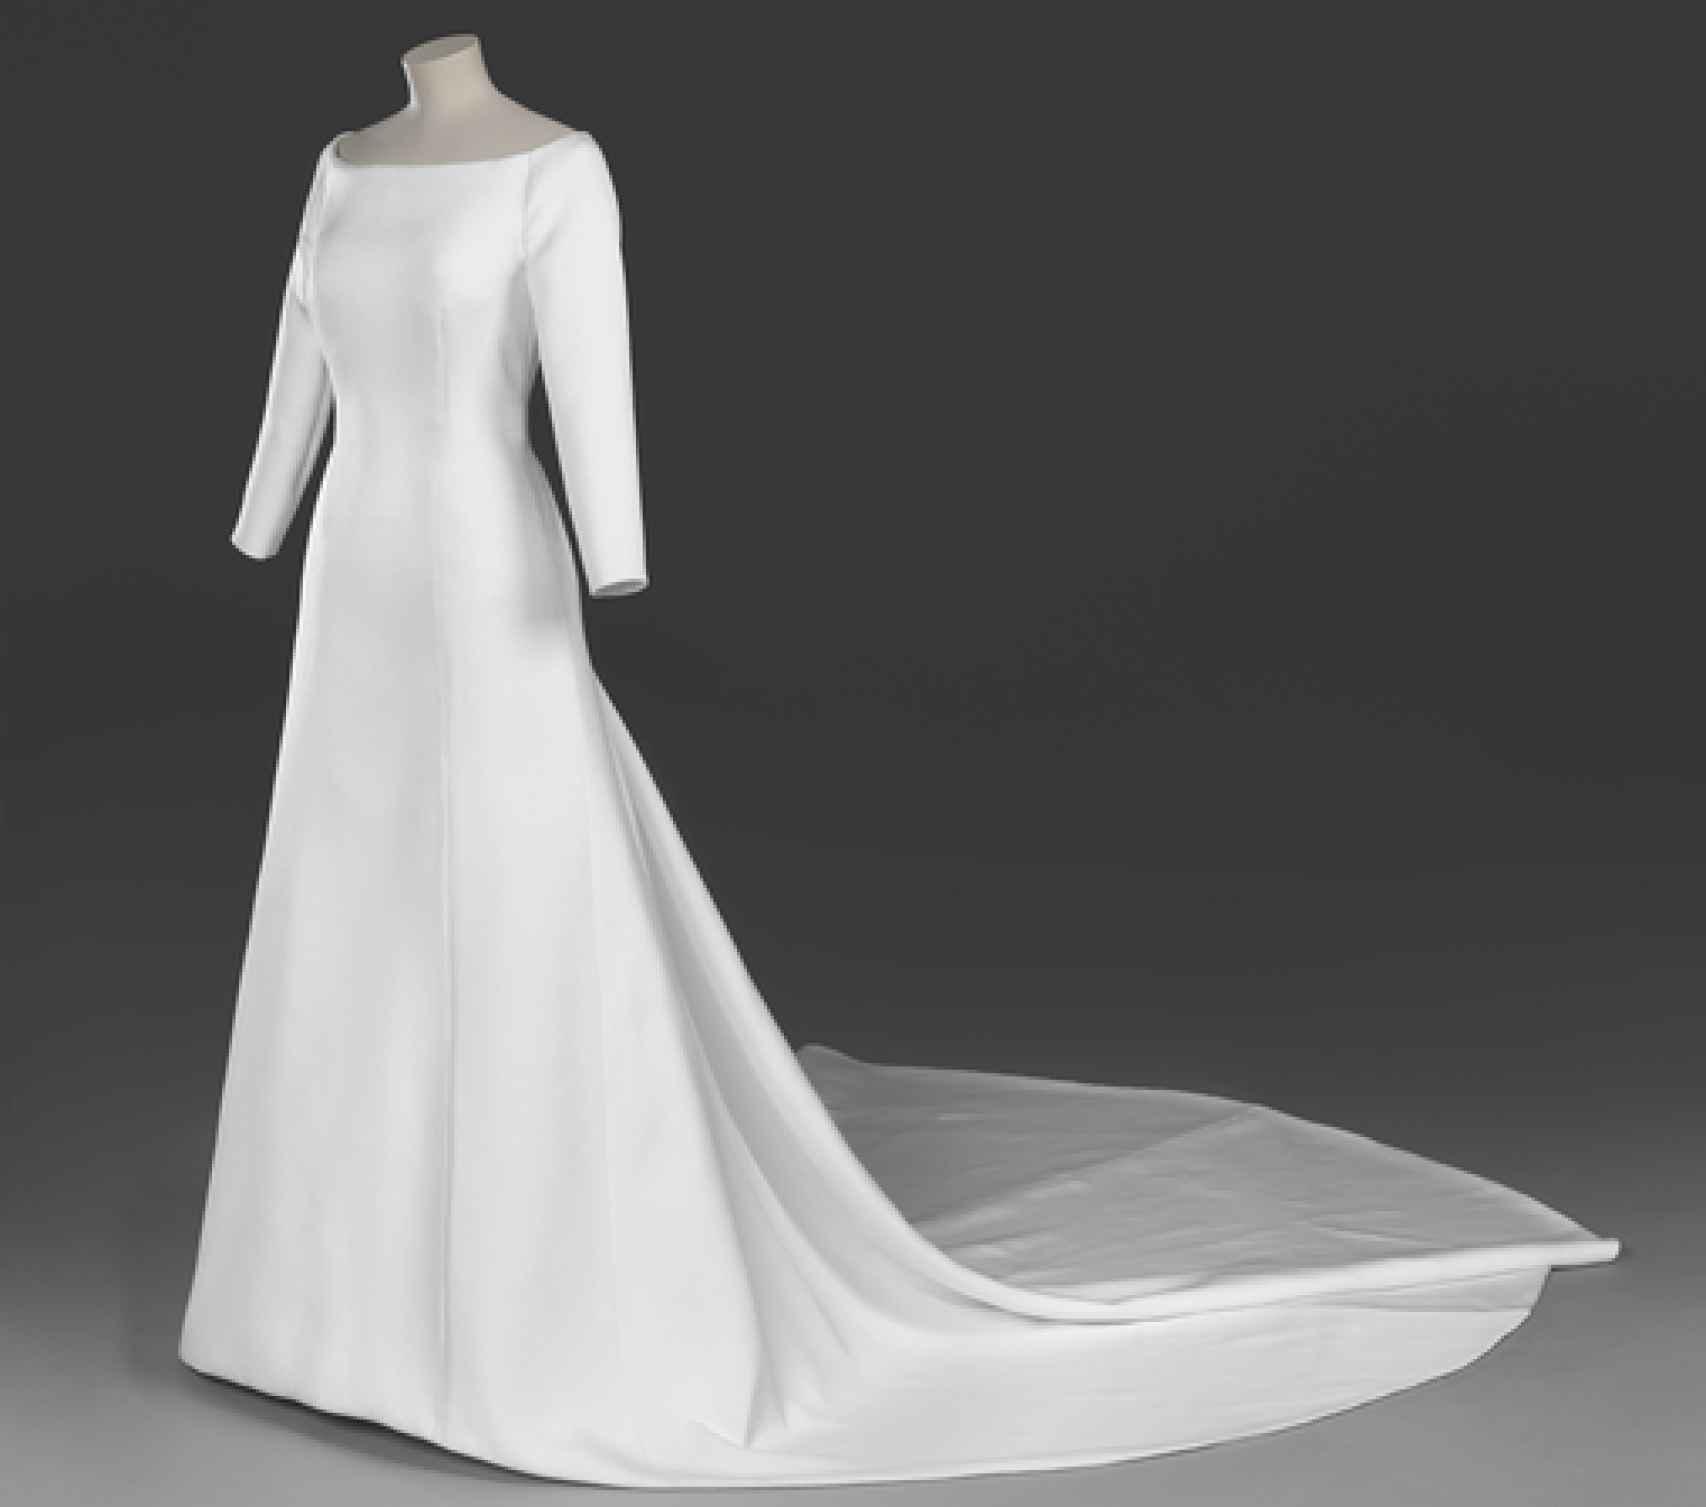 Vestido de Givenchy que lució Meghan Markle el día de su boda.